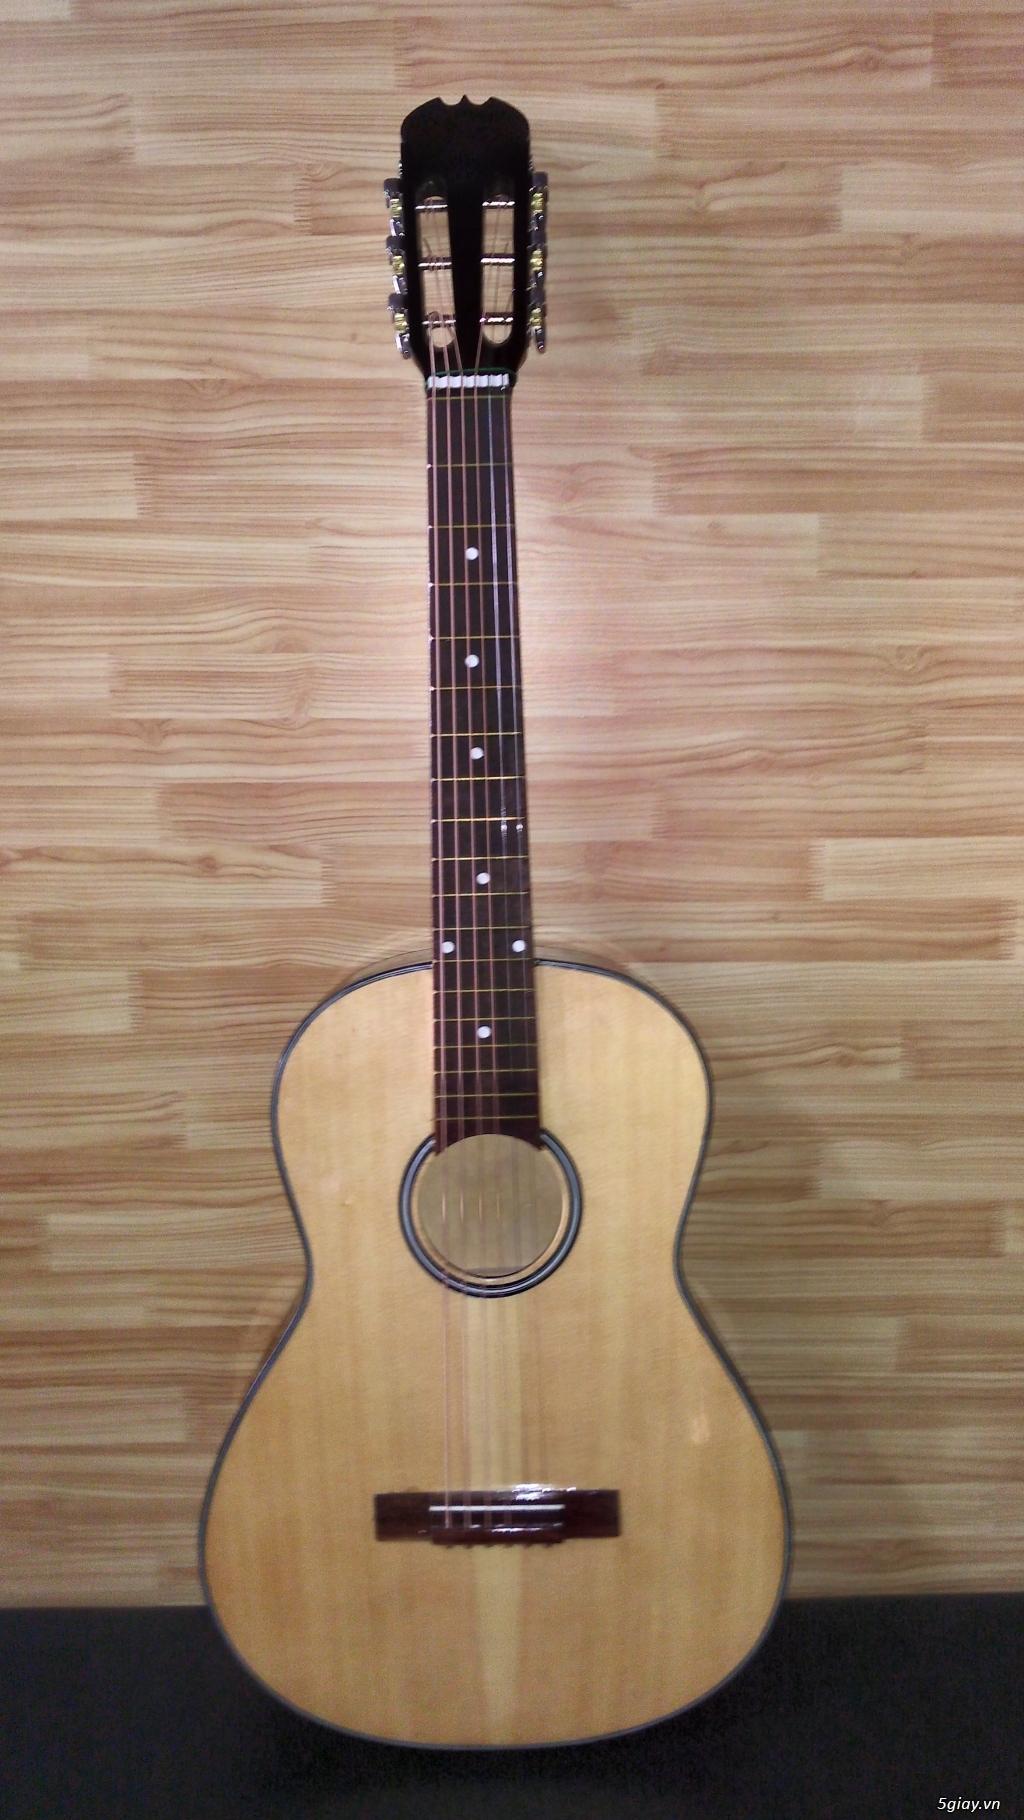 Guitar Song Hành Hóc Môn giá siêu cạnh tranh